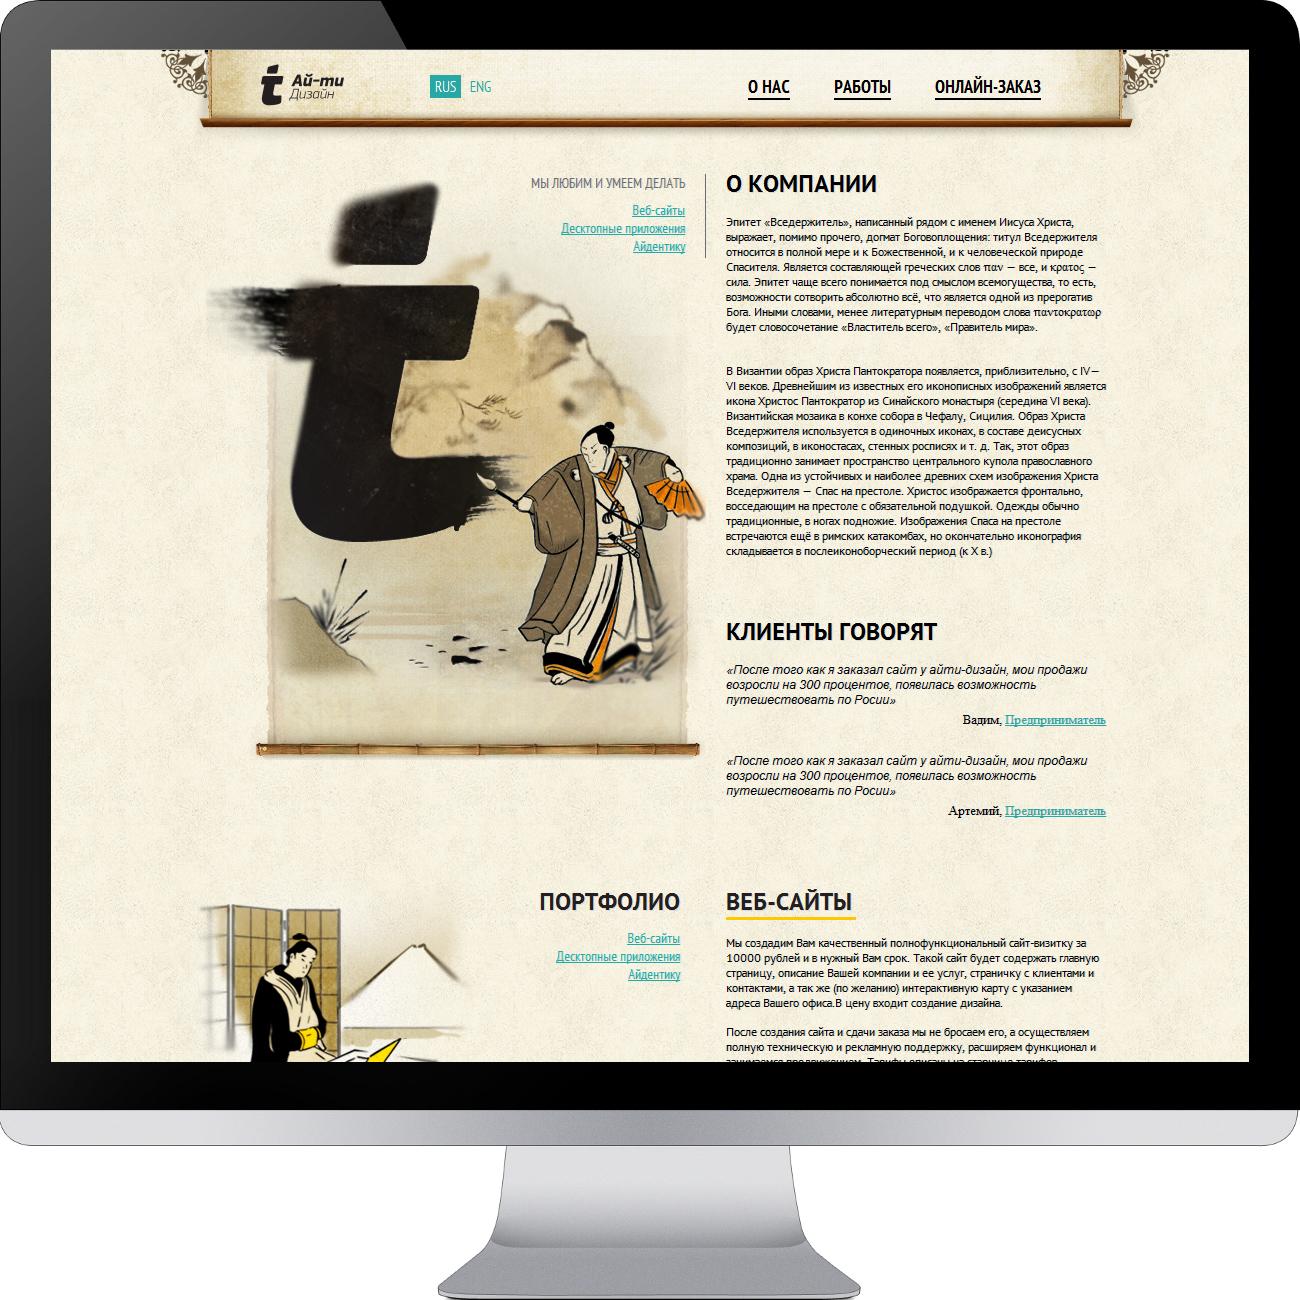 Сайты фрилансеров дизайна найти работу удаленно на дому отзывы